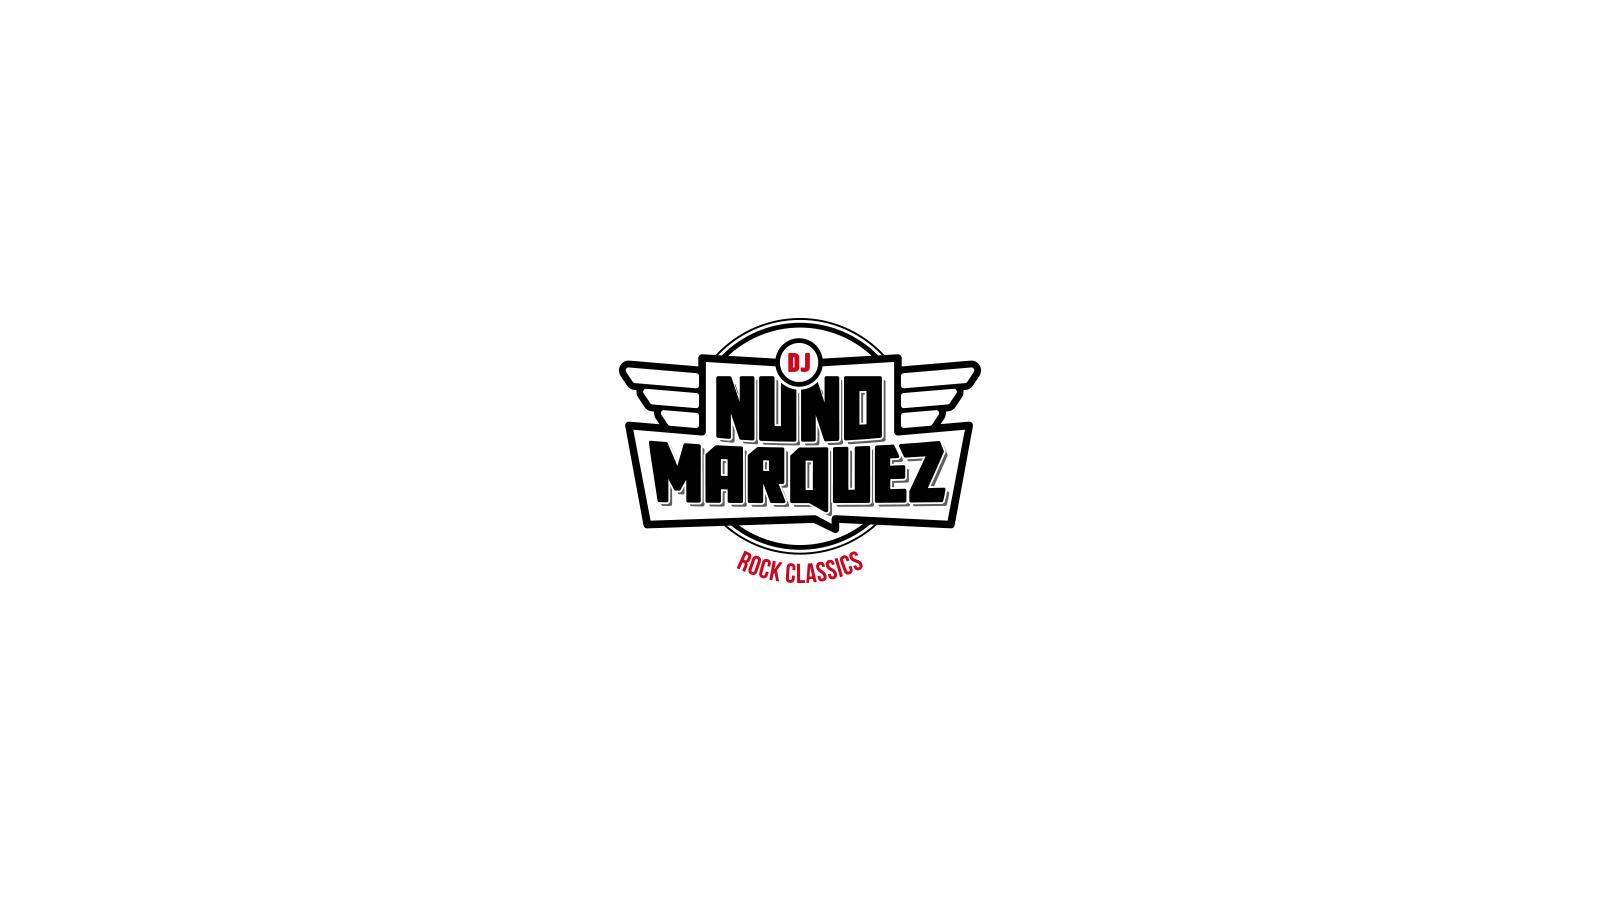 DJ Nuno Marquez - Header 02